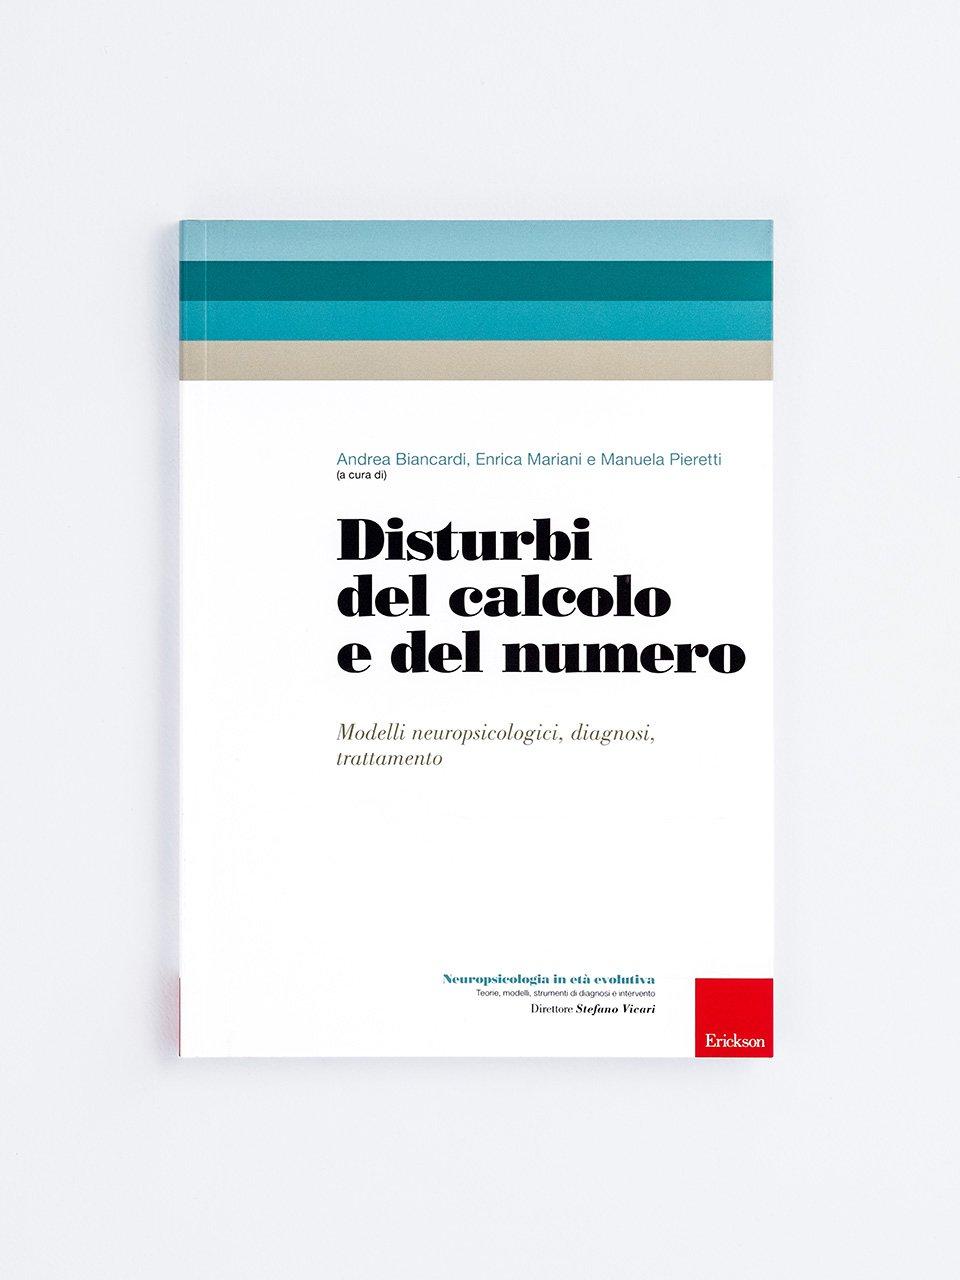 Disturbi del calcolo e del numero - I mini gialli dell'ortografia 5 - Libri - Erickson